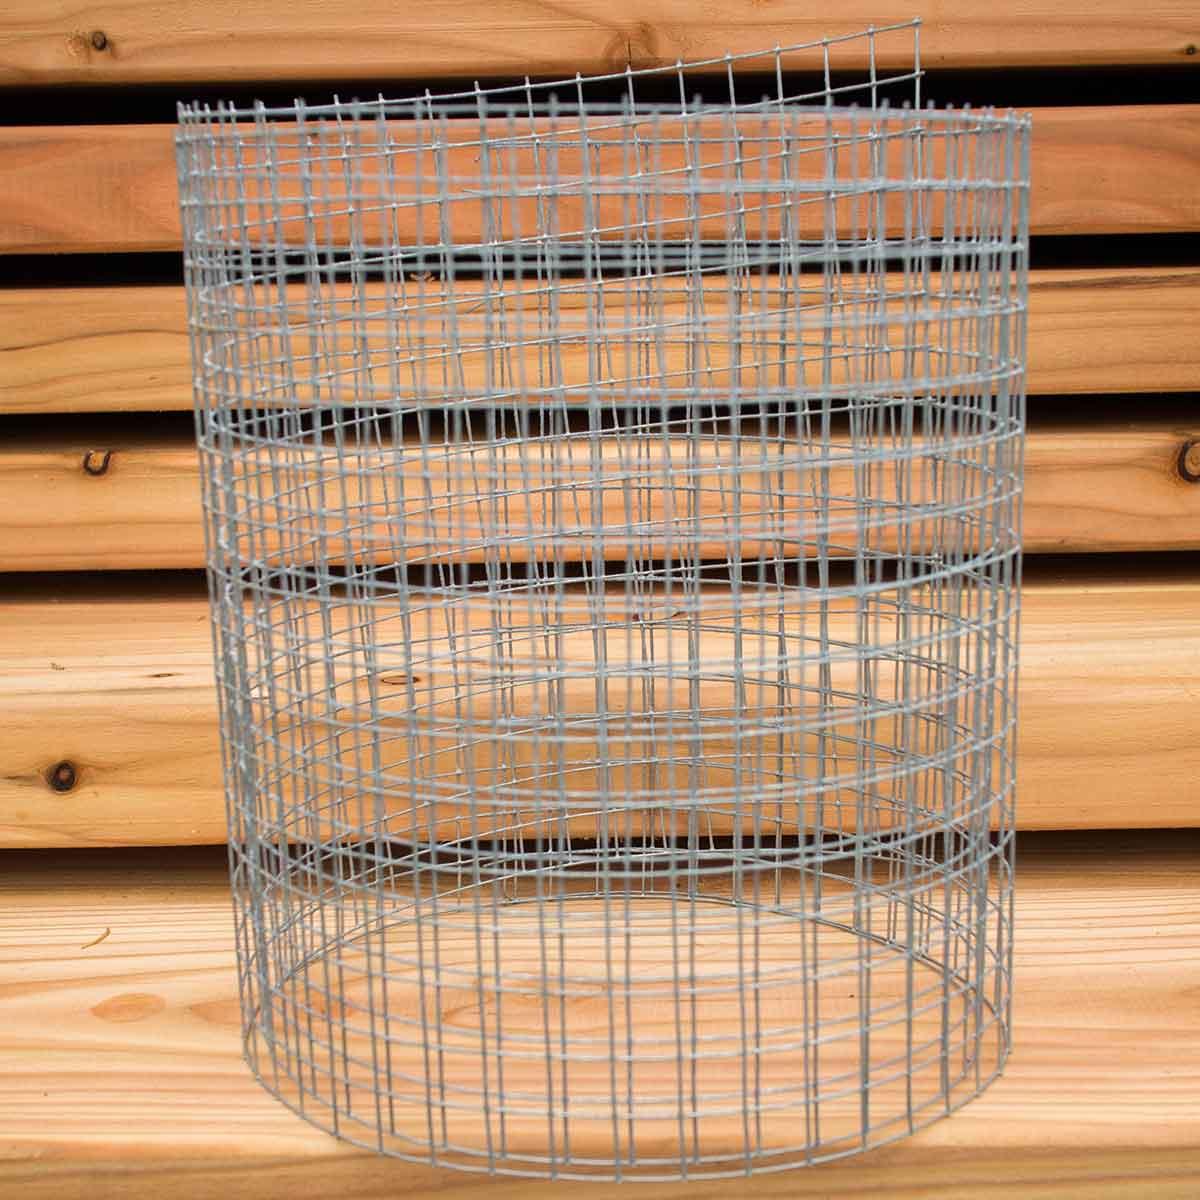 Hochbeet Zubehör Schweißgitter 2 x 1 m - Hochbeet kaufen, bauen ...